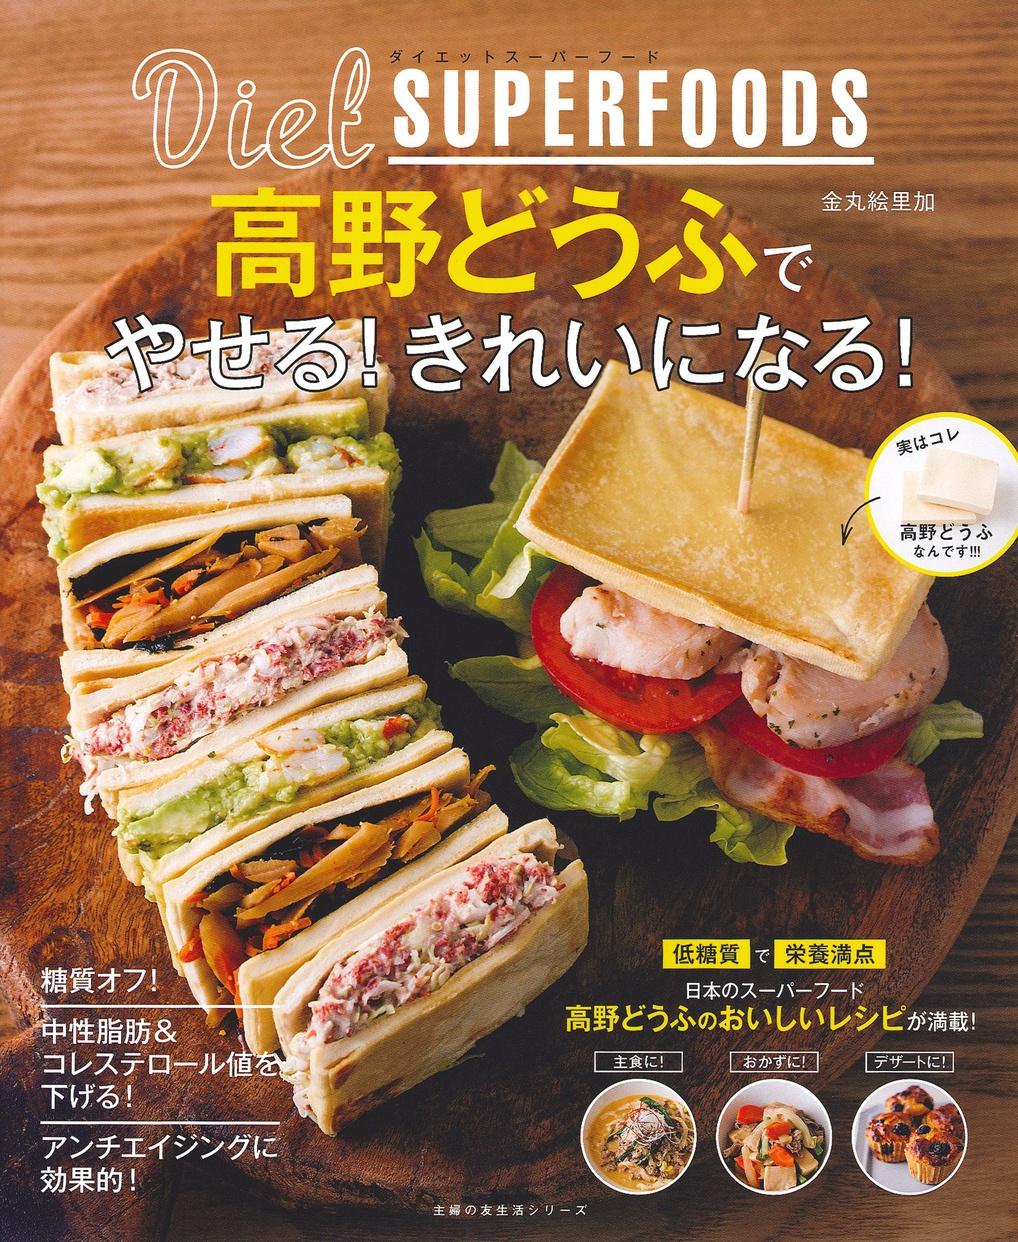 主婦の友社 ダイエットスーパーフード高野どうふでやせる!きれいになる!の商品画像